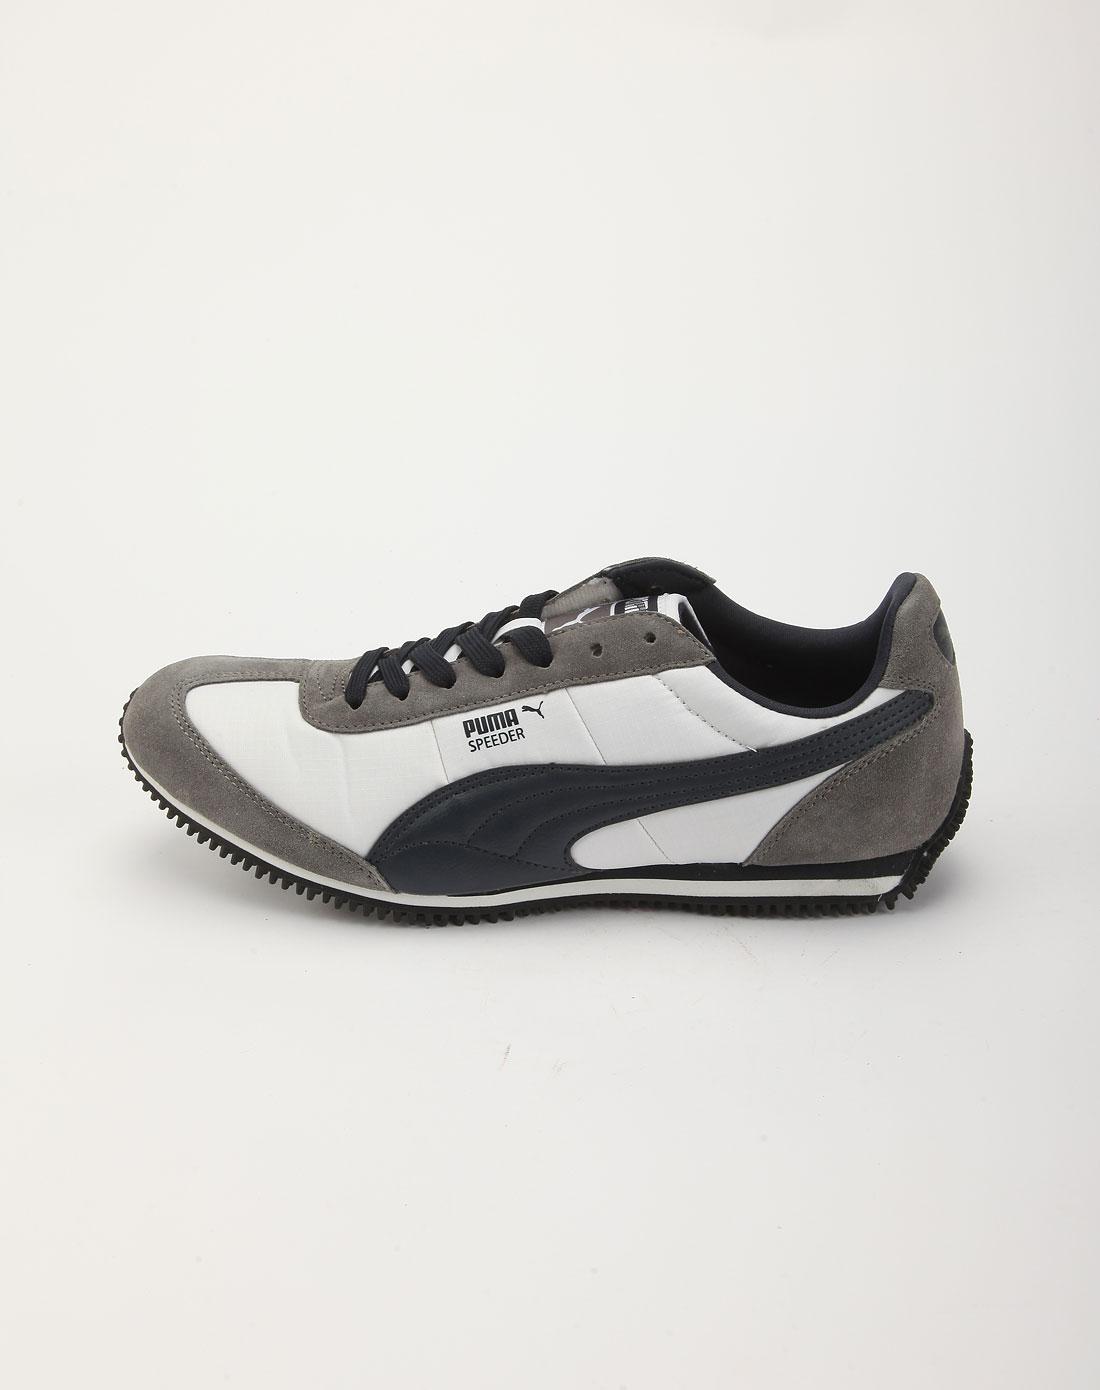 彪马puma白拼灰色格纹时尚休闲运动鞋35044711